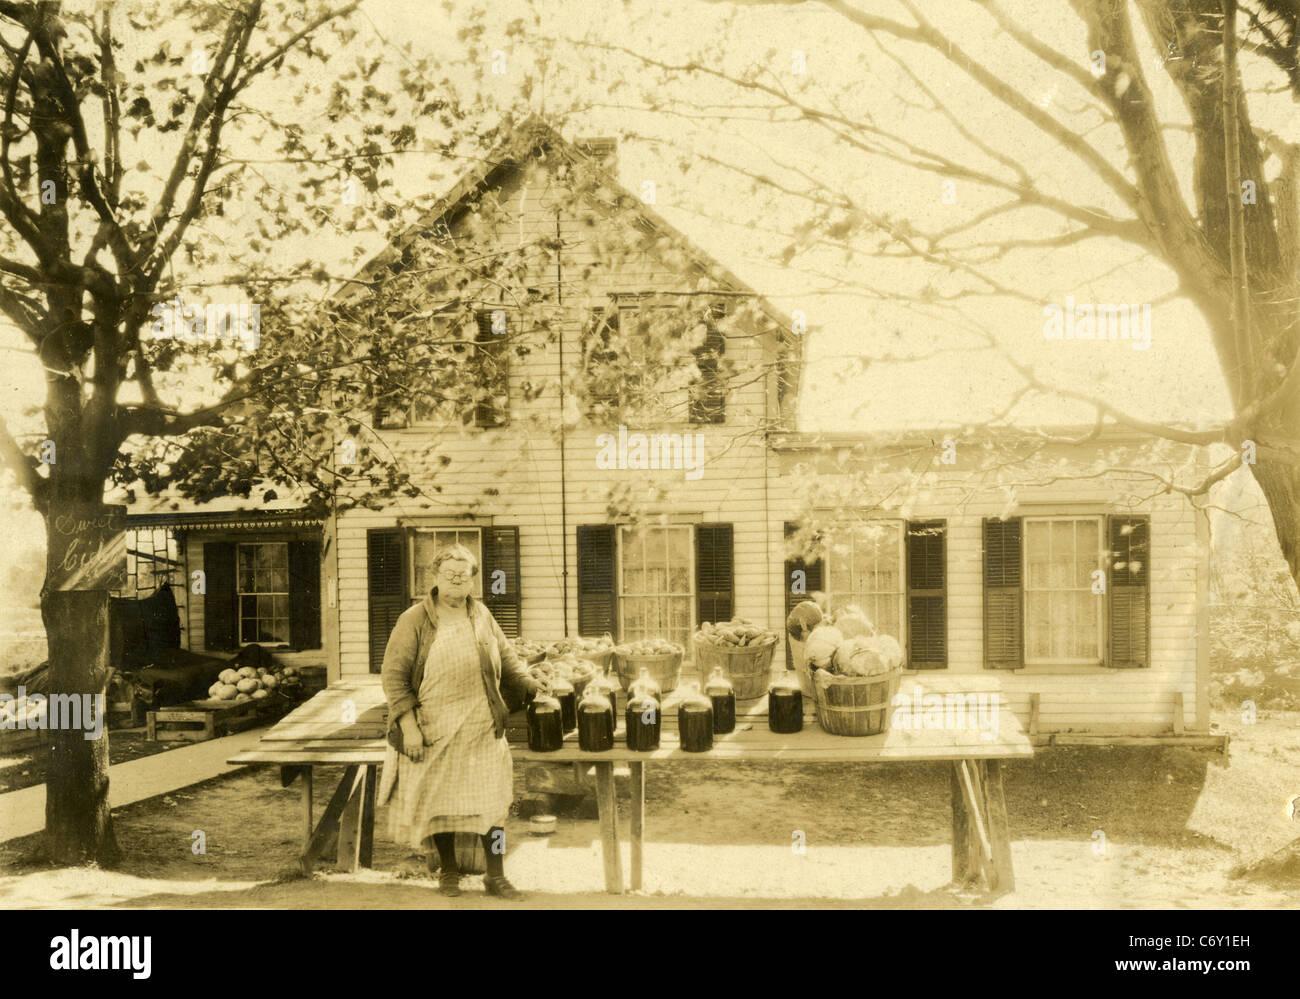 Circa 1930 Stand de granja de Nueva Inglaterra, la venta de sidra, patatas y verduras. Imagen De Stock